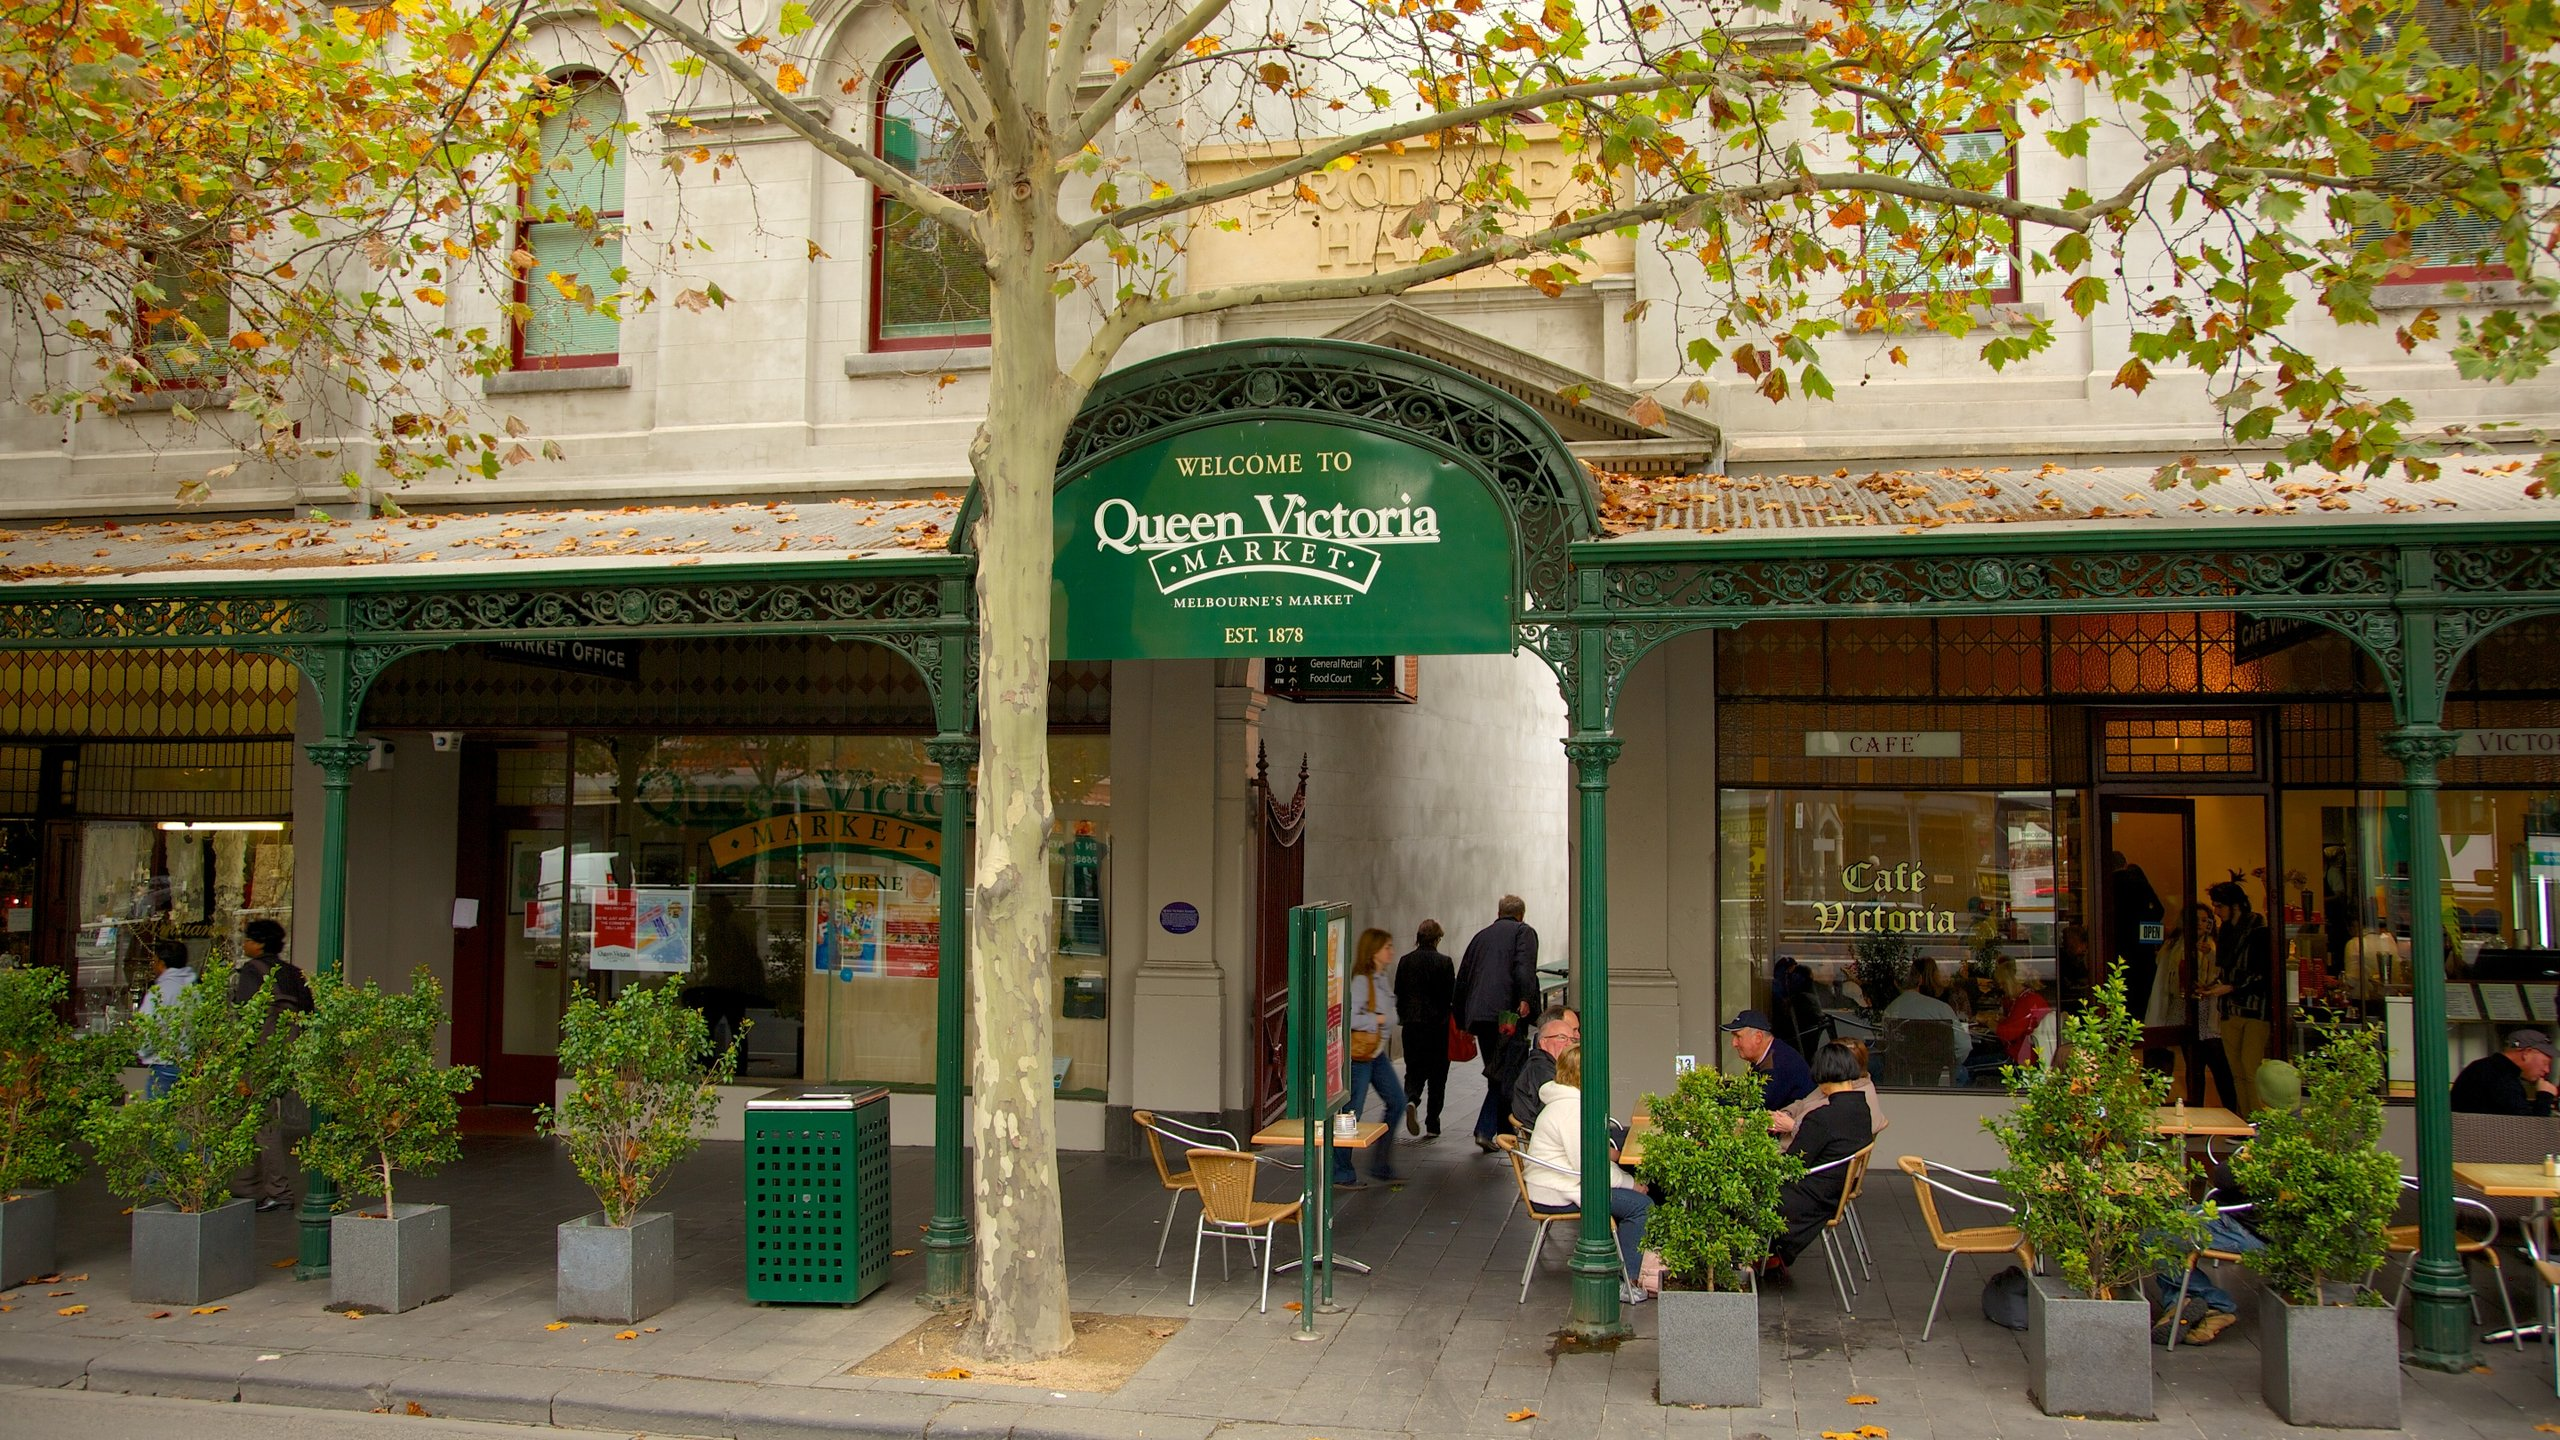 探索這個露天市場,並享受墨爾本最新鮮的蔬果和有價值的購物樂趣。